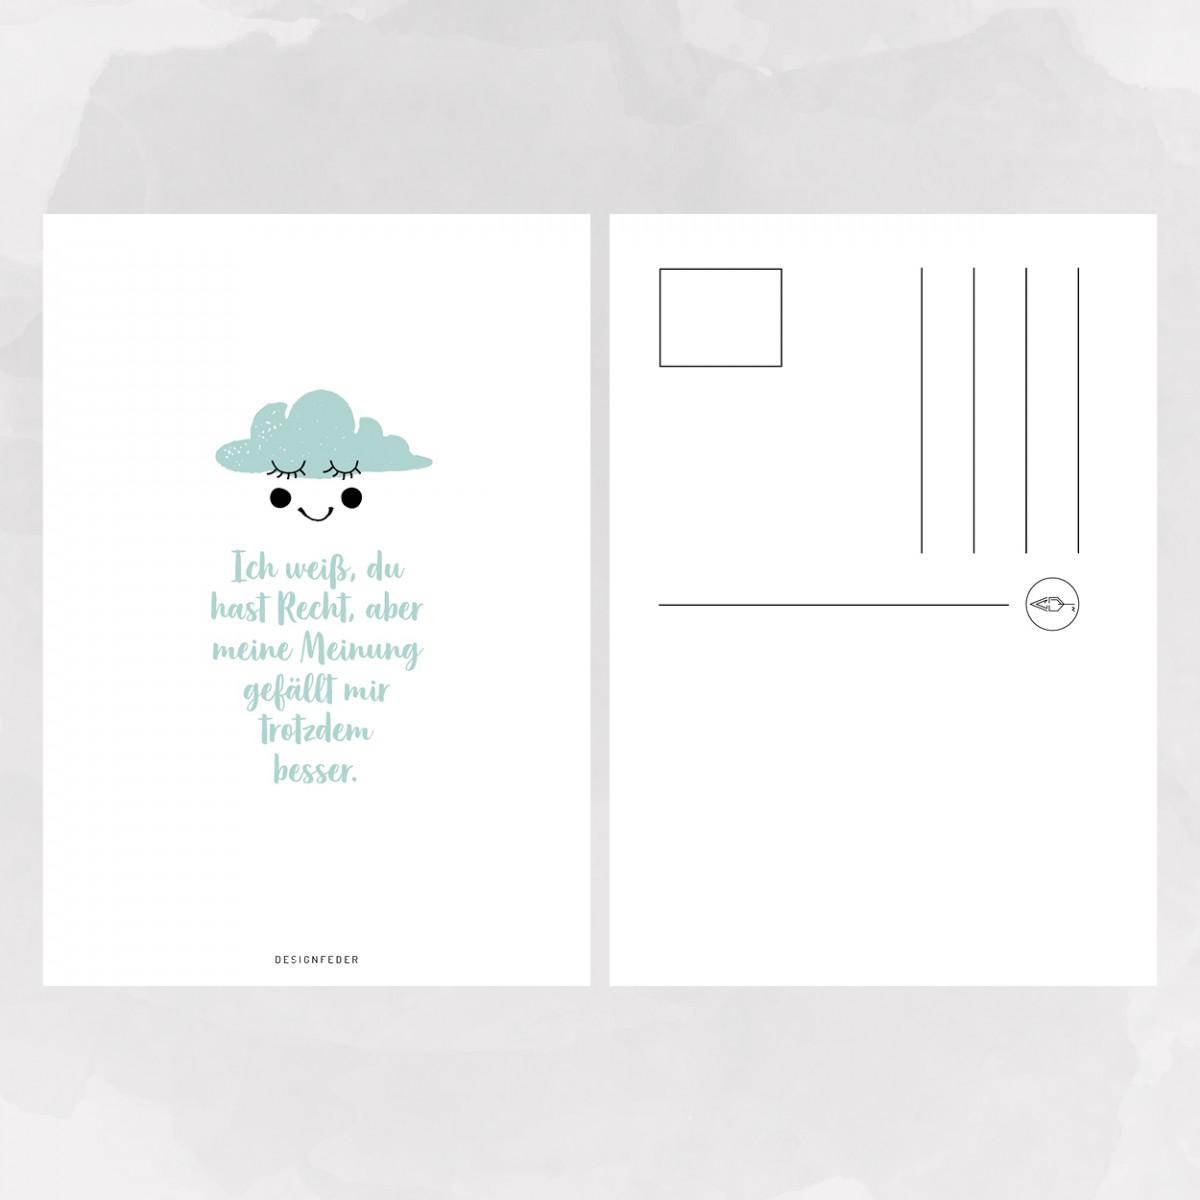 designfeder | Postkarte Meine Meinung gefällt mir besser